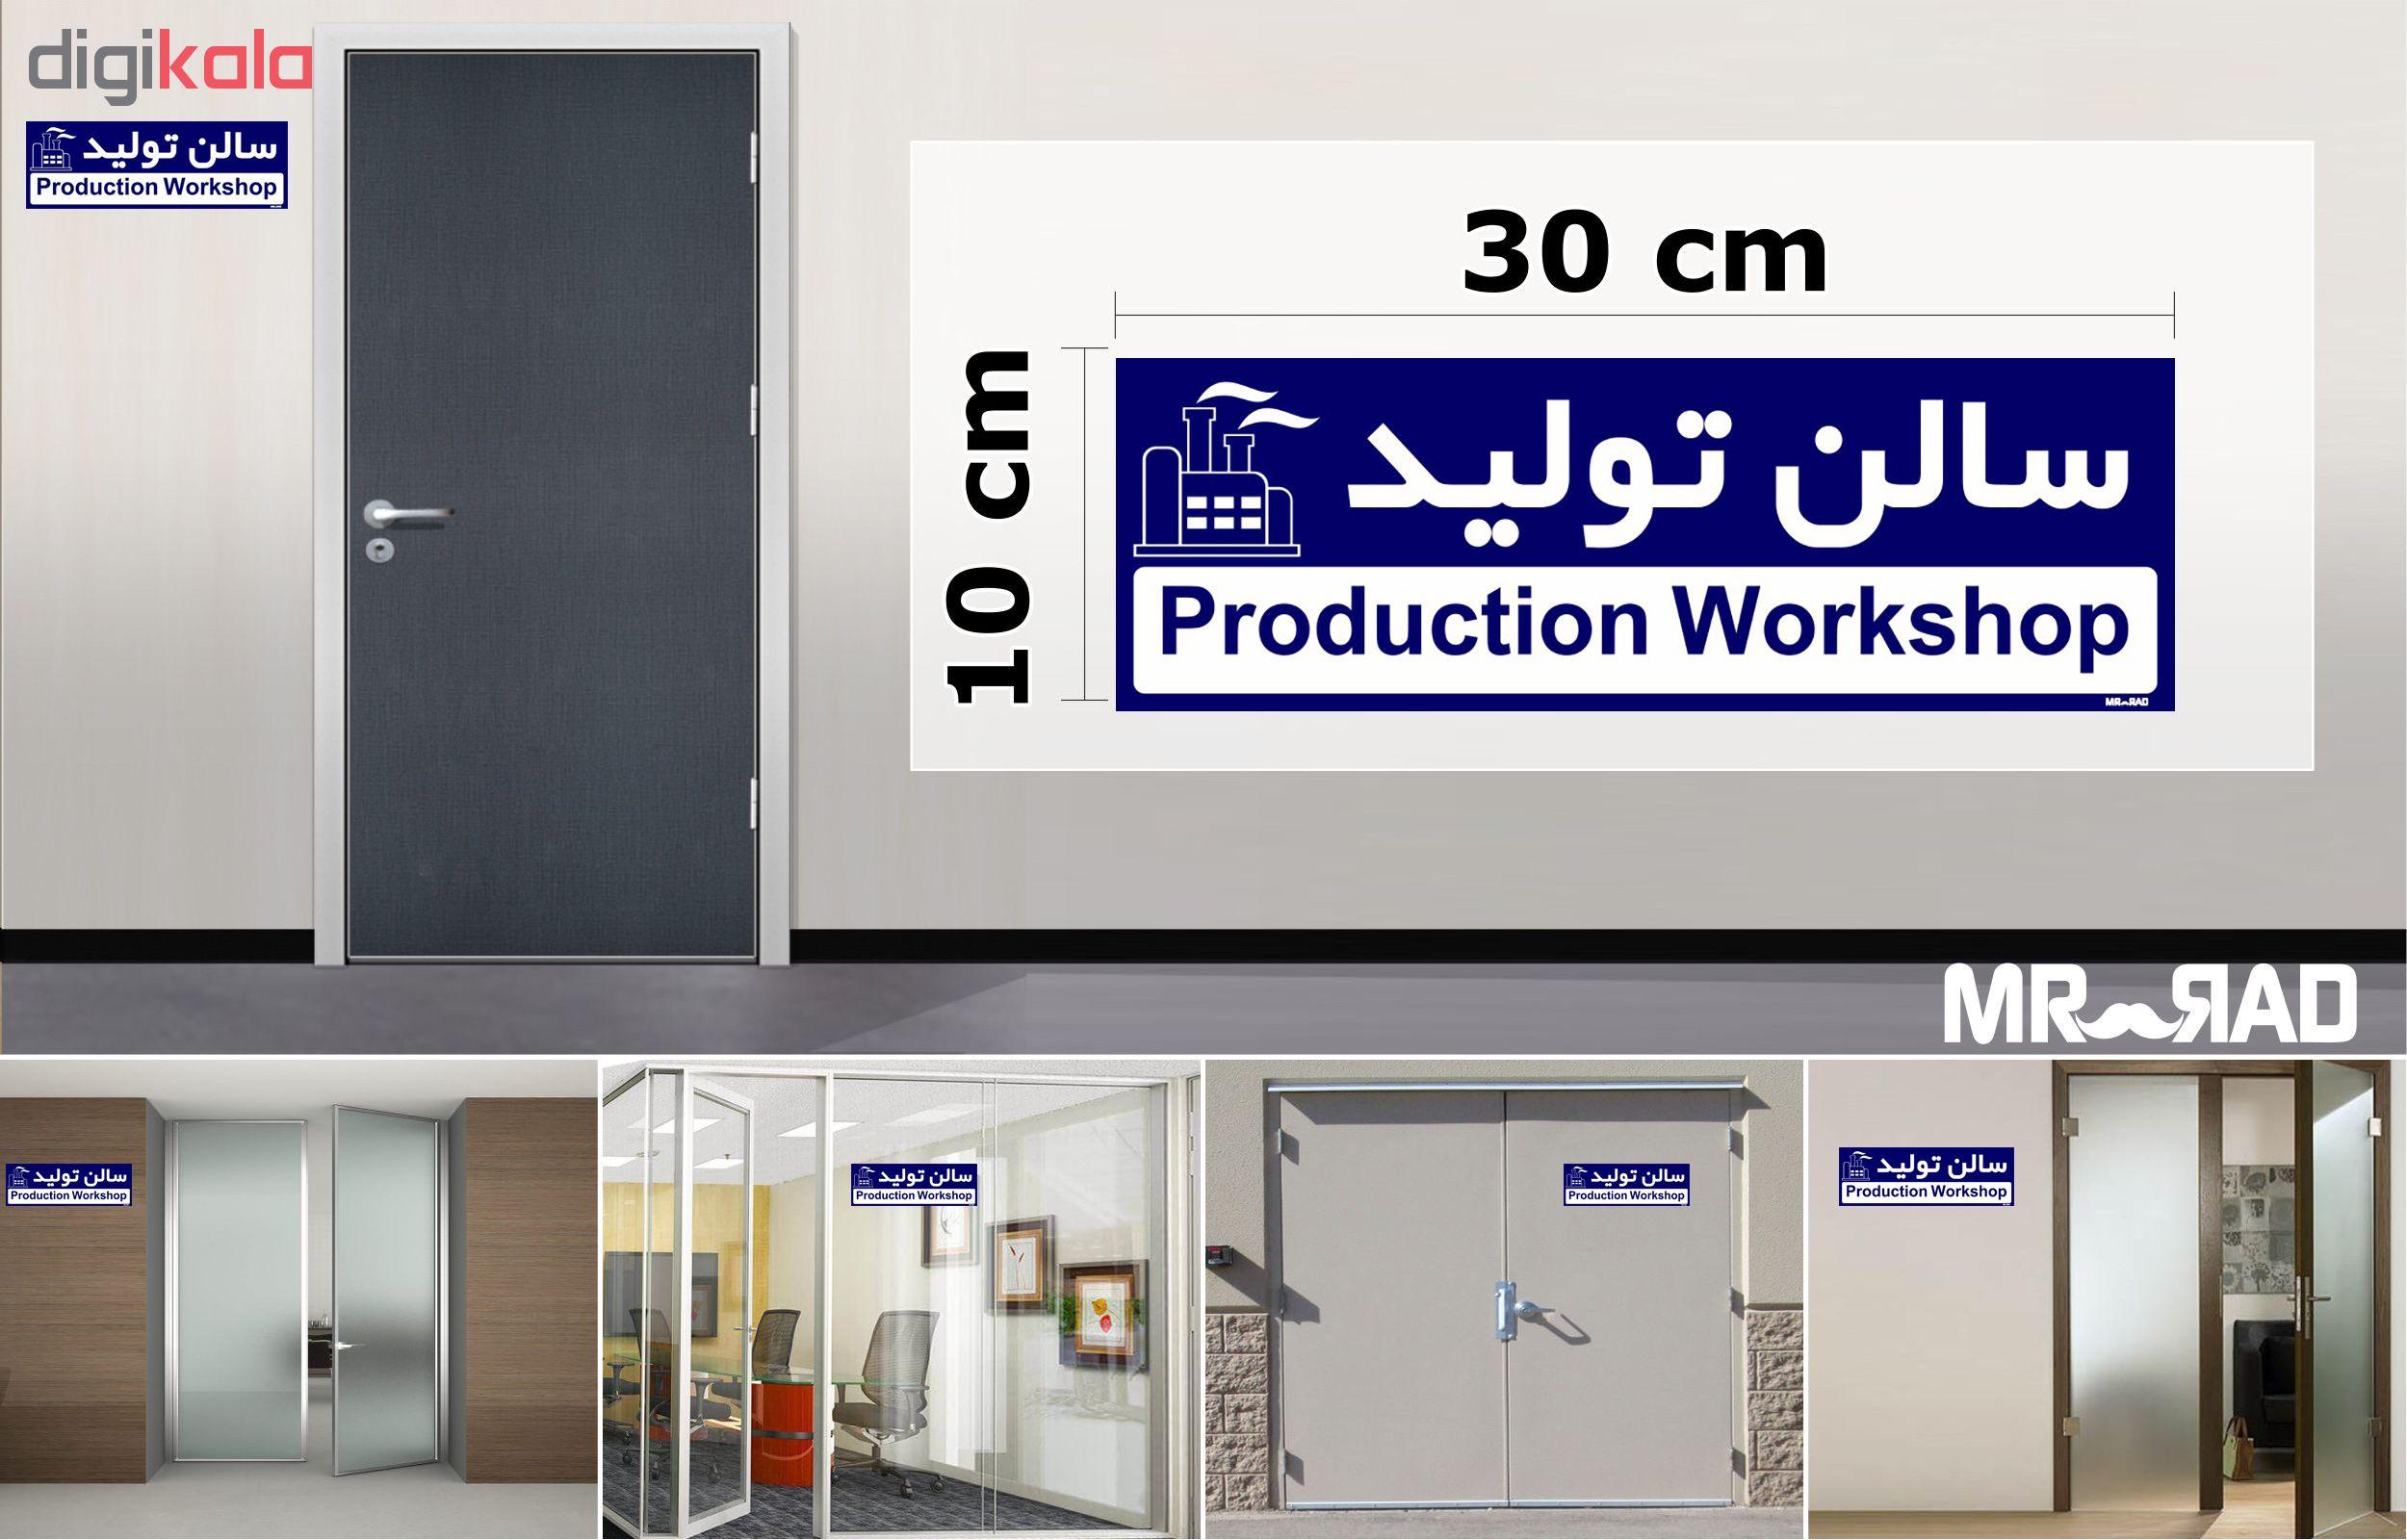 تابلو راهنمای اتاق  FG طرح سالن تولید کدTHO0155